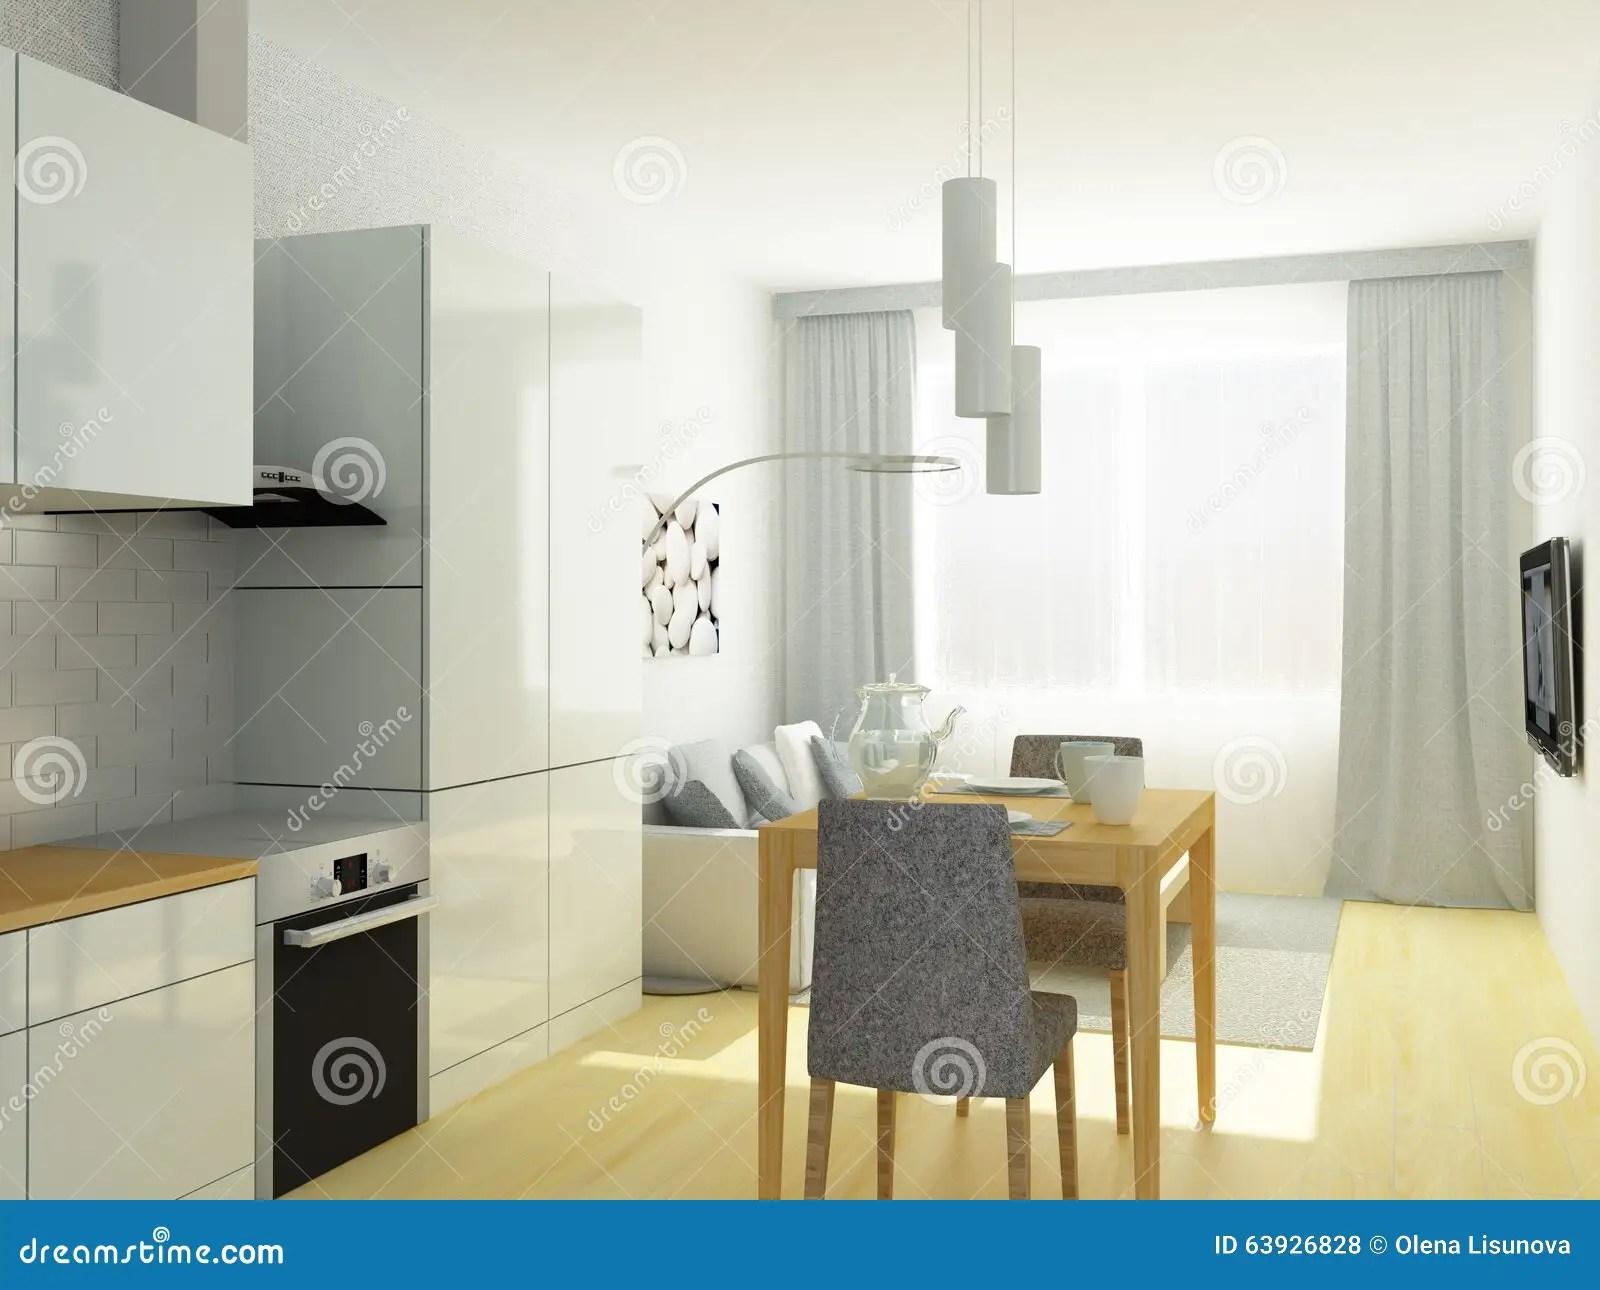 Woonkamer Design Kleuren : Woonkamer kleuren vier manieren om je woonkamer te restylen met